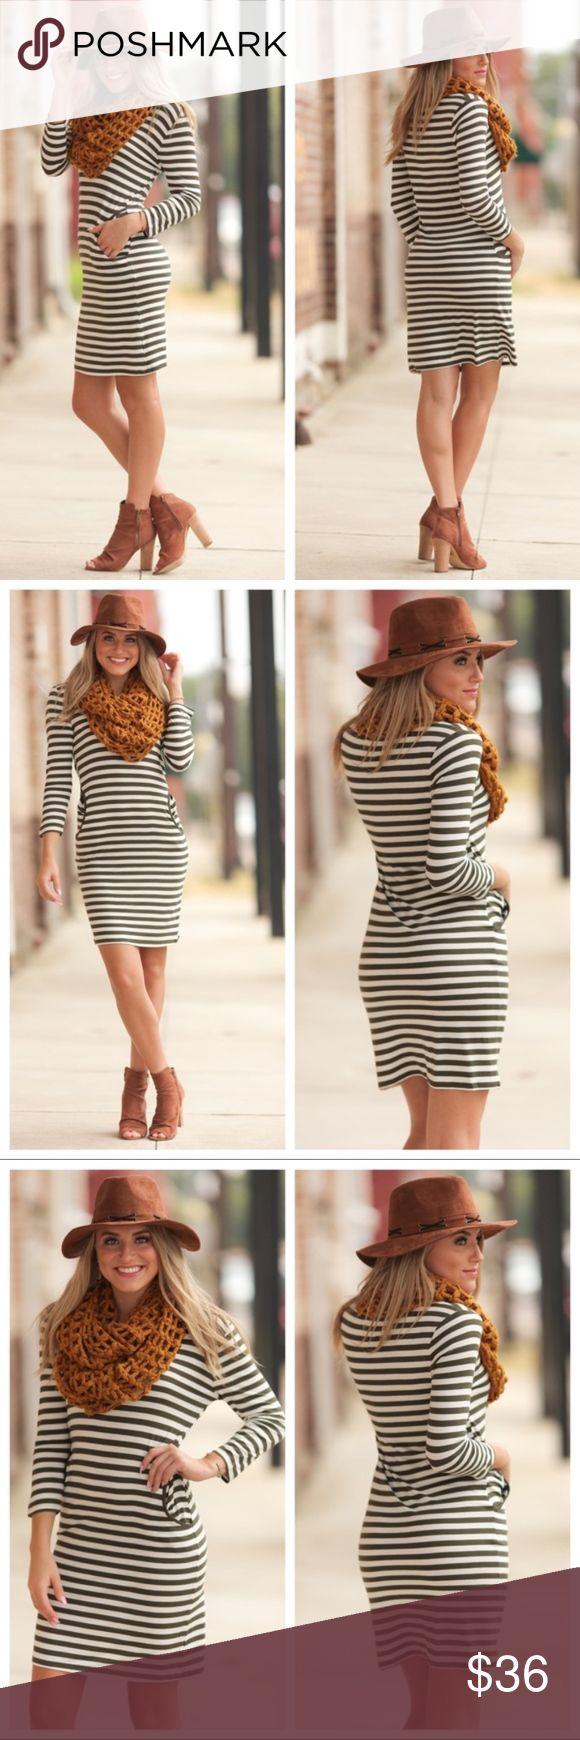 """Olive striped body-con dress NEW ARRIVAL Olive striped body-con Dress with pockets.  95% rayon 5% spandex   BUST: S-17"""", M-18"""", L-19"""".(armpit to armpit measurement)  LENGTH: S-35"""", M-36"""", L-37"""". Dresses"""